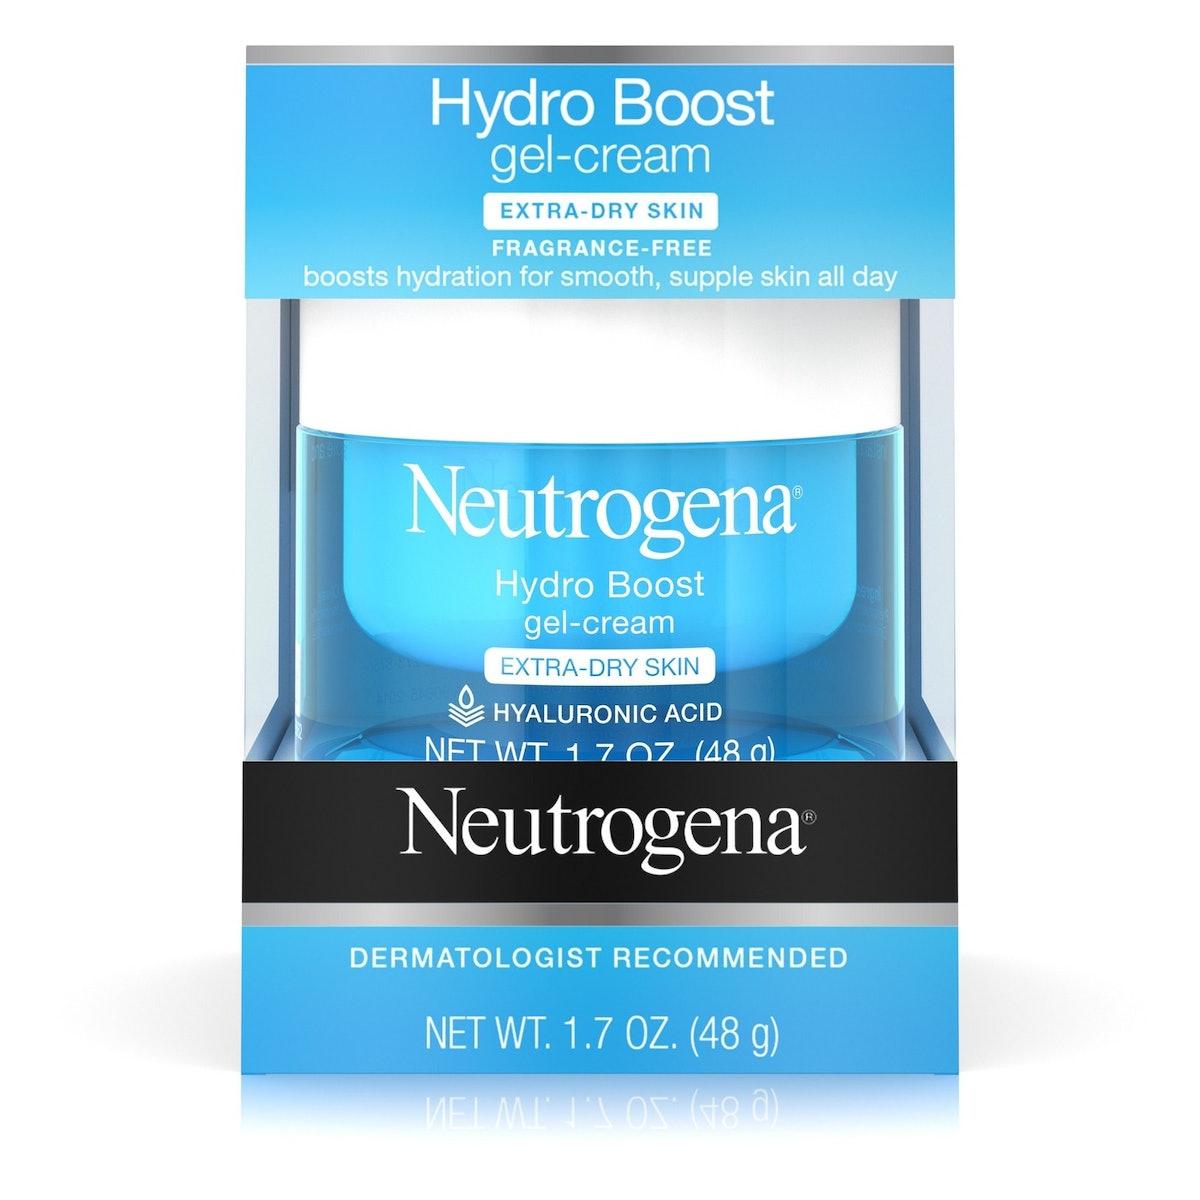 Neutrogena Hydro Boost Hyaluronic Acid Gel Face Moisturizer